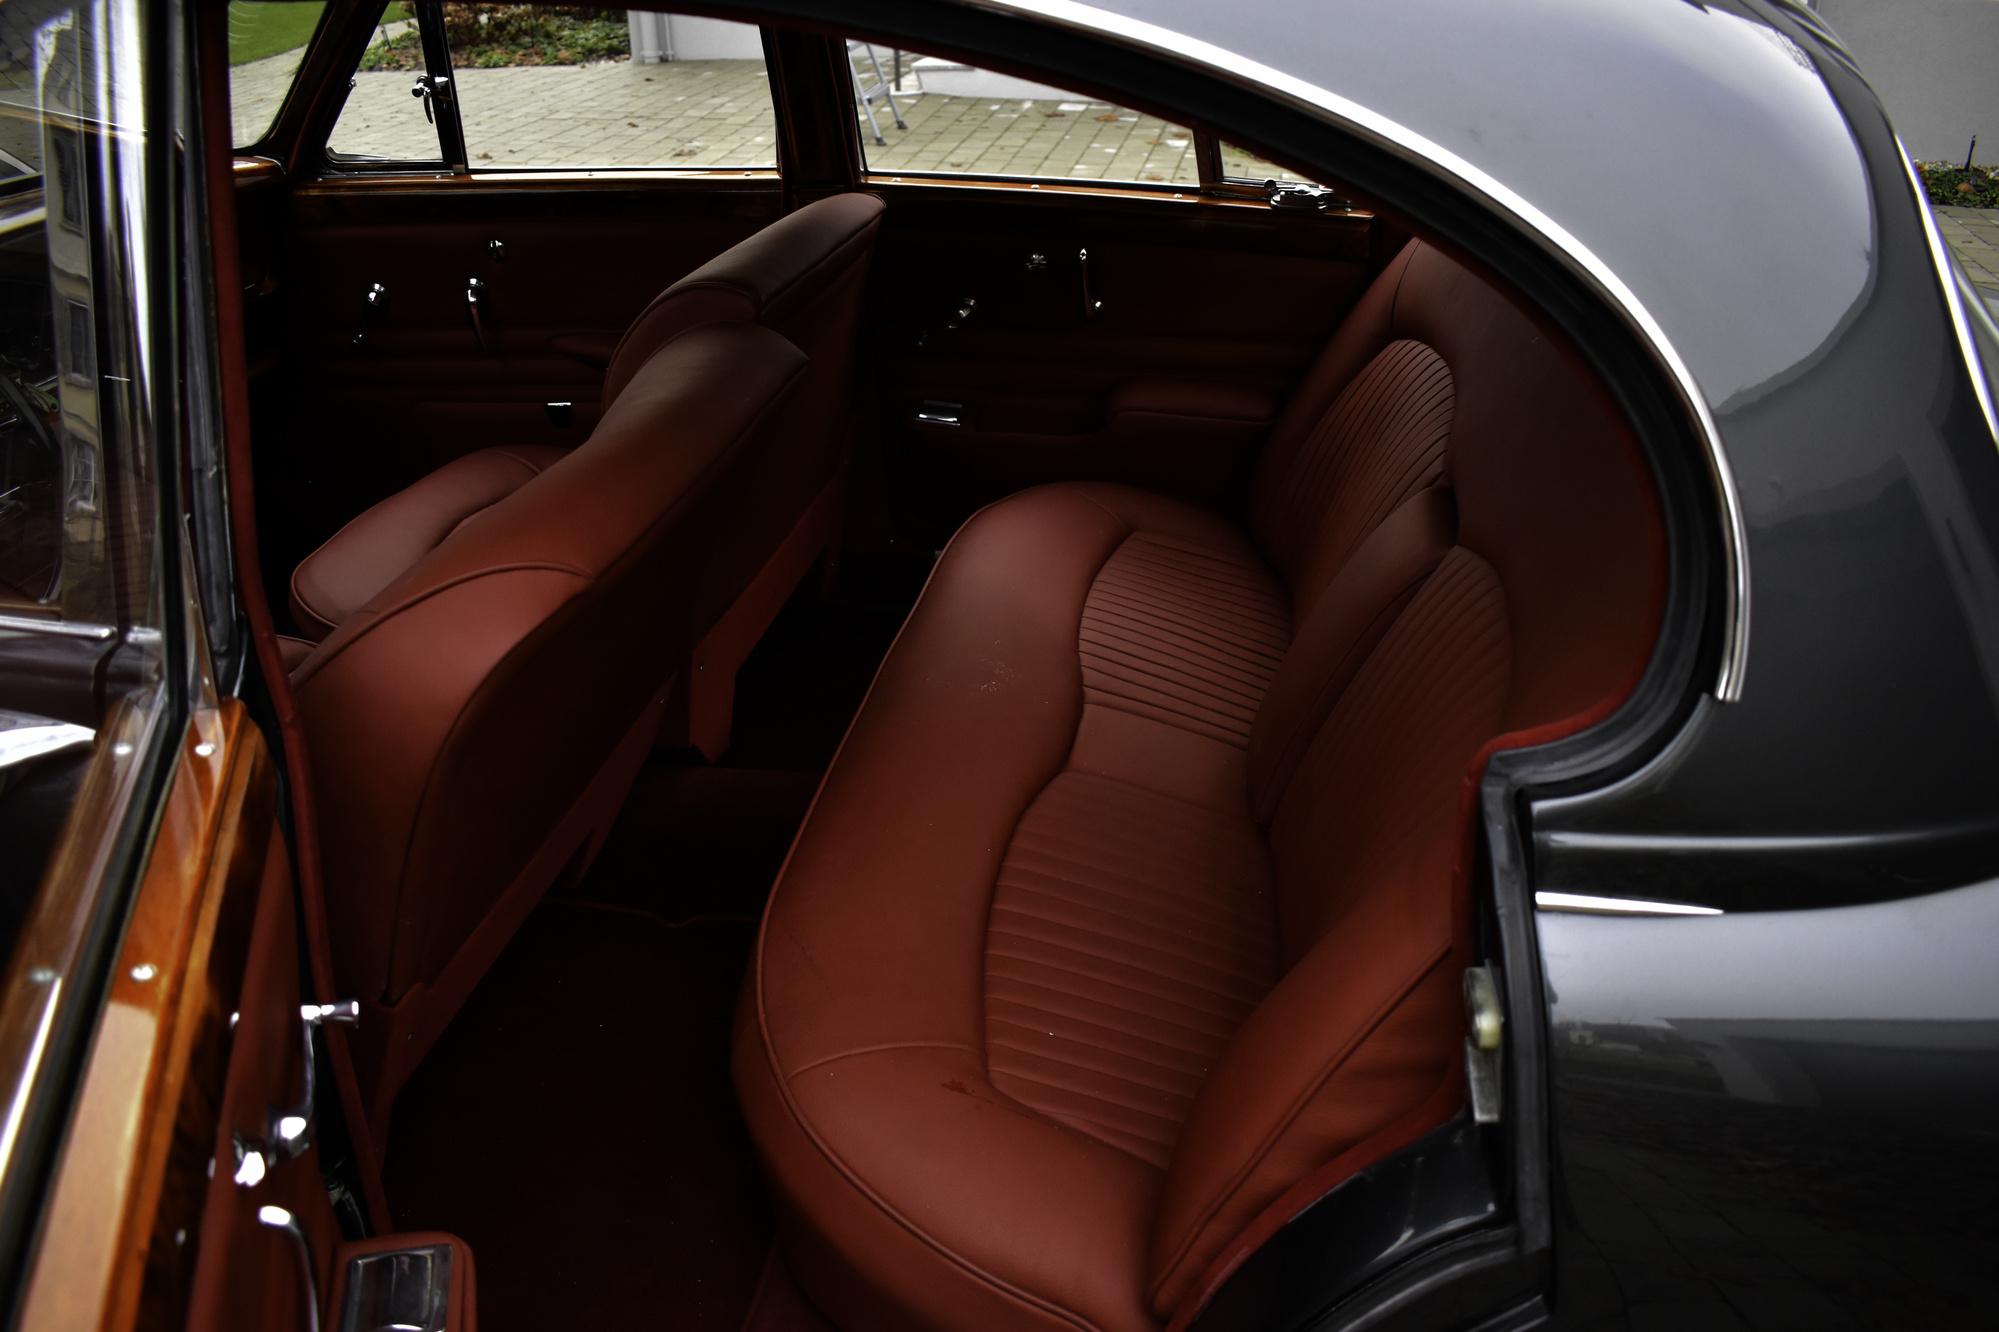 Interieur eines dunkelgrauen 1966 Jaguar S-Type 3.8 Liter Oldtimer Veteranenfahrzeug mit der mit rotem Leder ausstaffierten Rückbank fotografiert durch die offene Hintertüre links